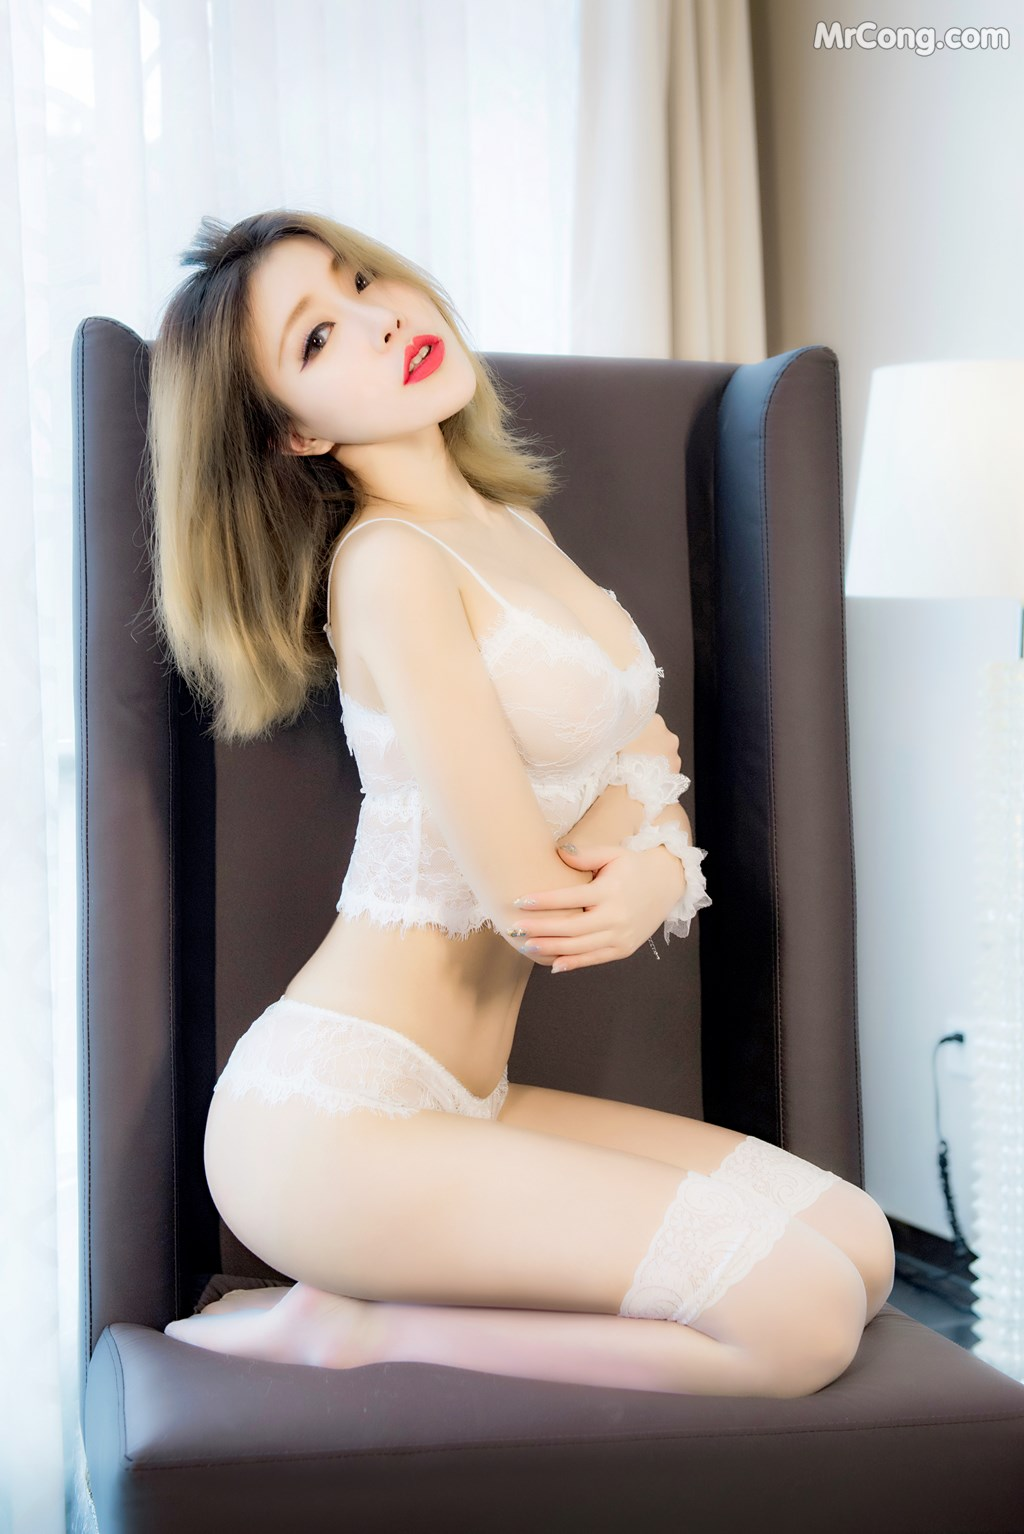 Image SLADY-2017-05-25-No.003-Zhao-Huan-Yan-MrCong.com-008 in post SLADY 2017-05-25 No.003: Người mẫu Zhao Huan Yan (赵欢颜) (46 ảnh)